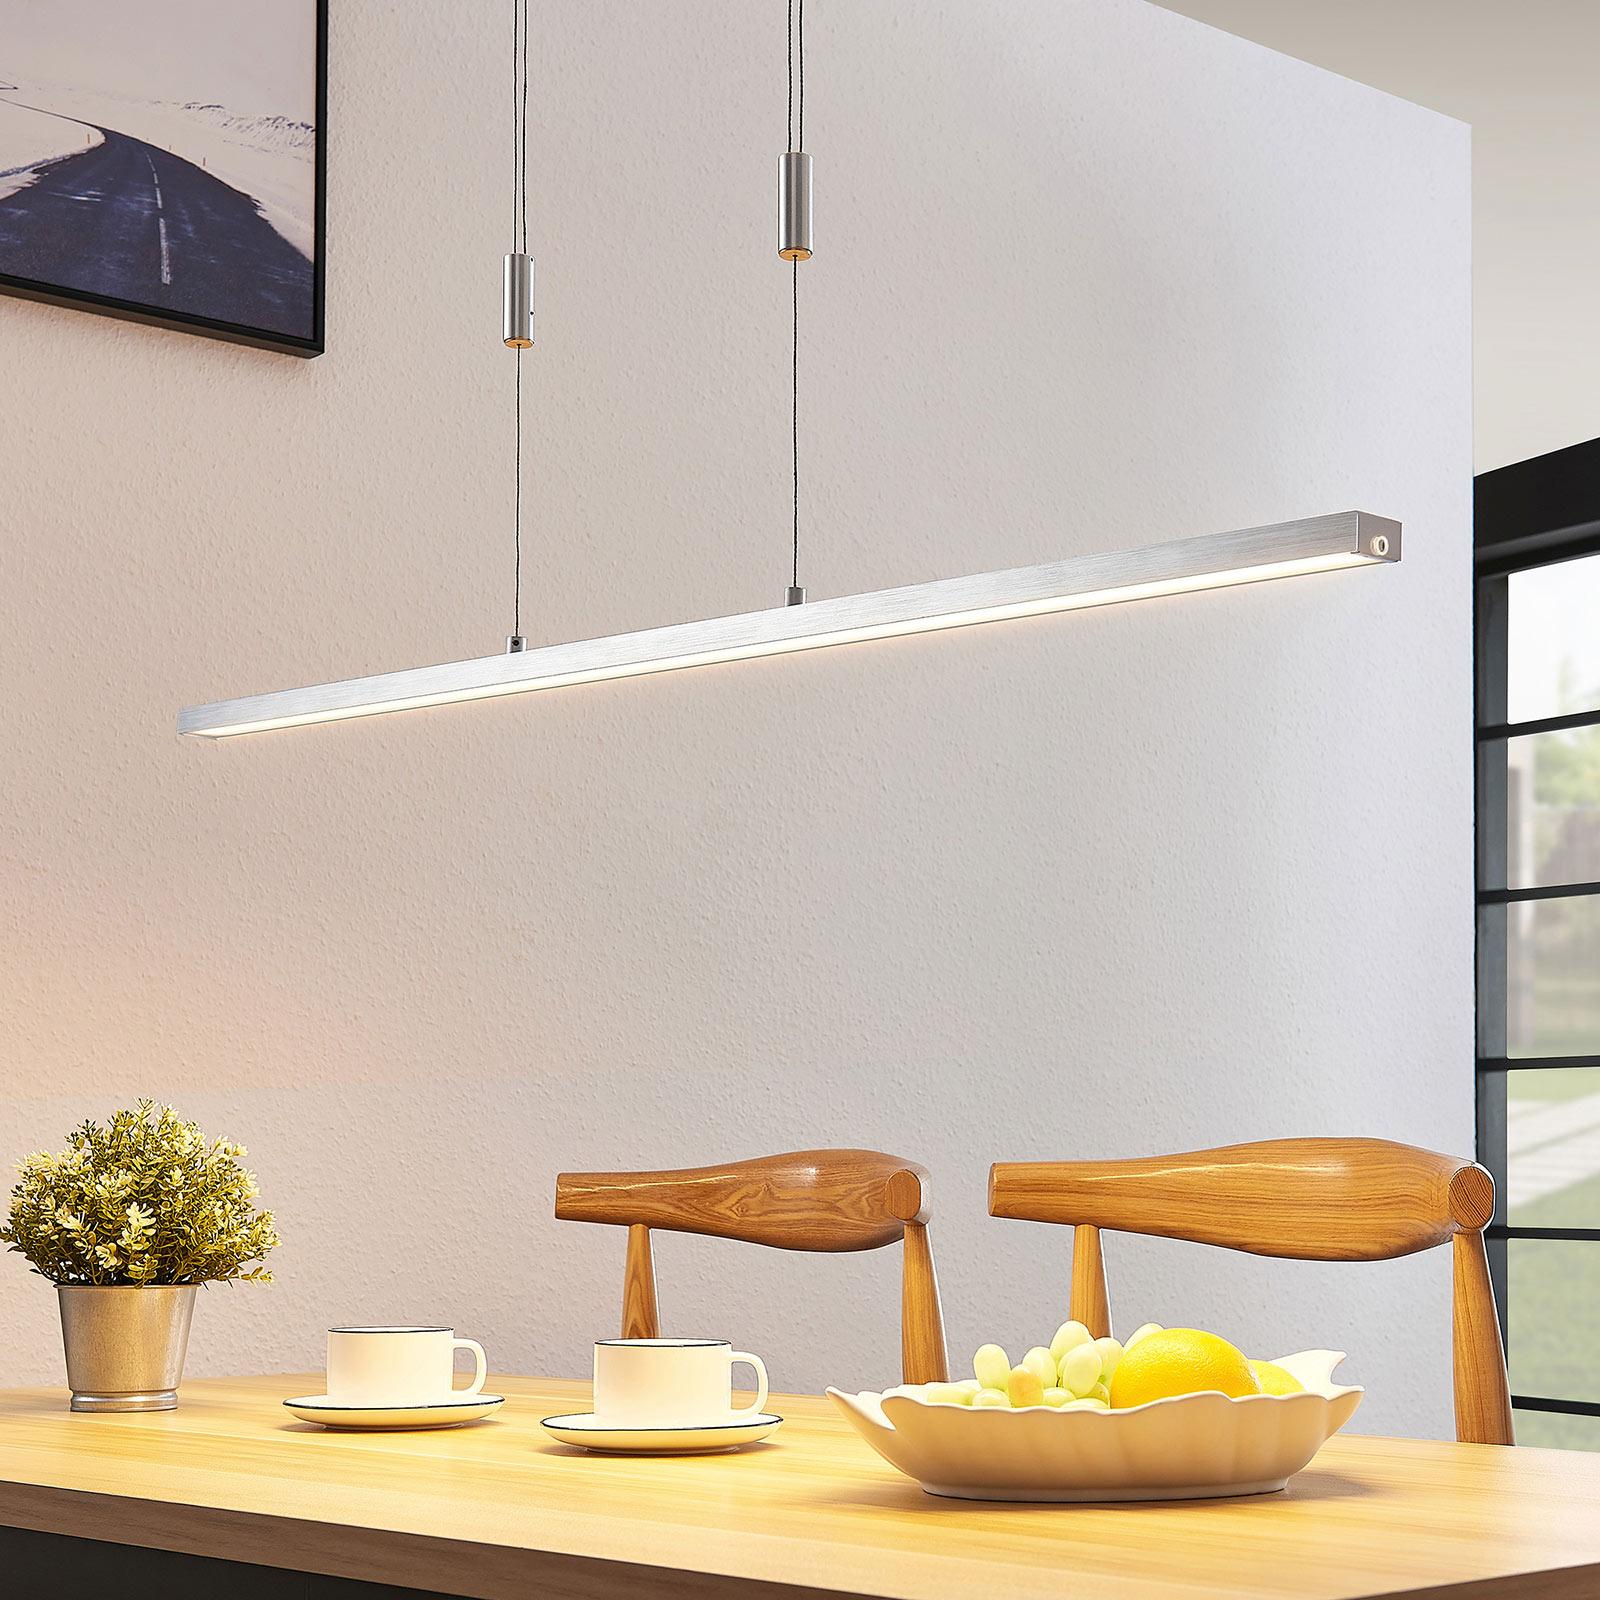 Lucande Myron LED-Hängeleuchte mit Touchdimmer